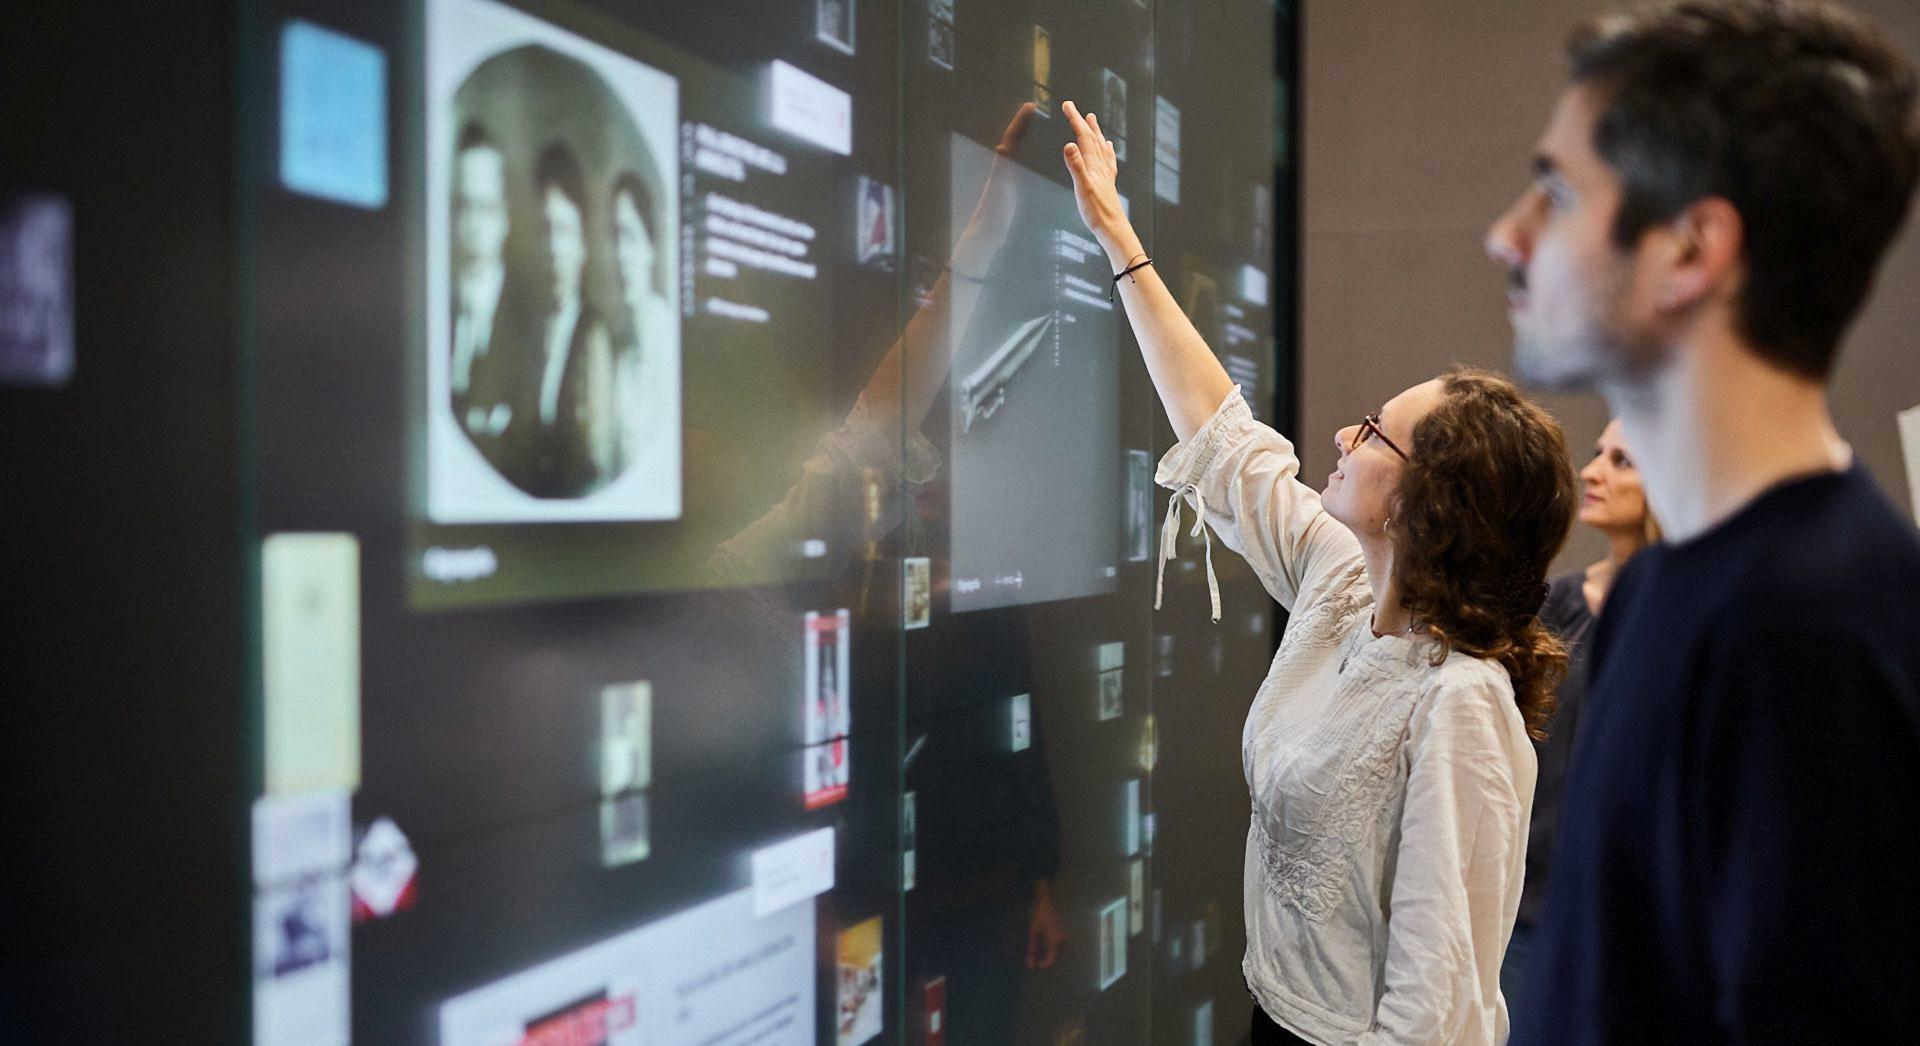 Menschen berühren eine große Touchscreen-Wand, auf der Dokumente und Objekte zu sehen sind